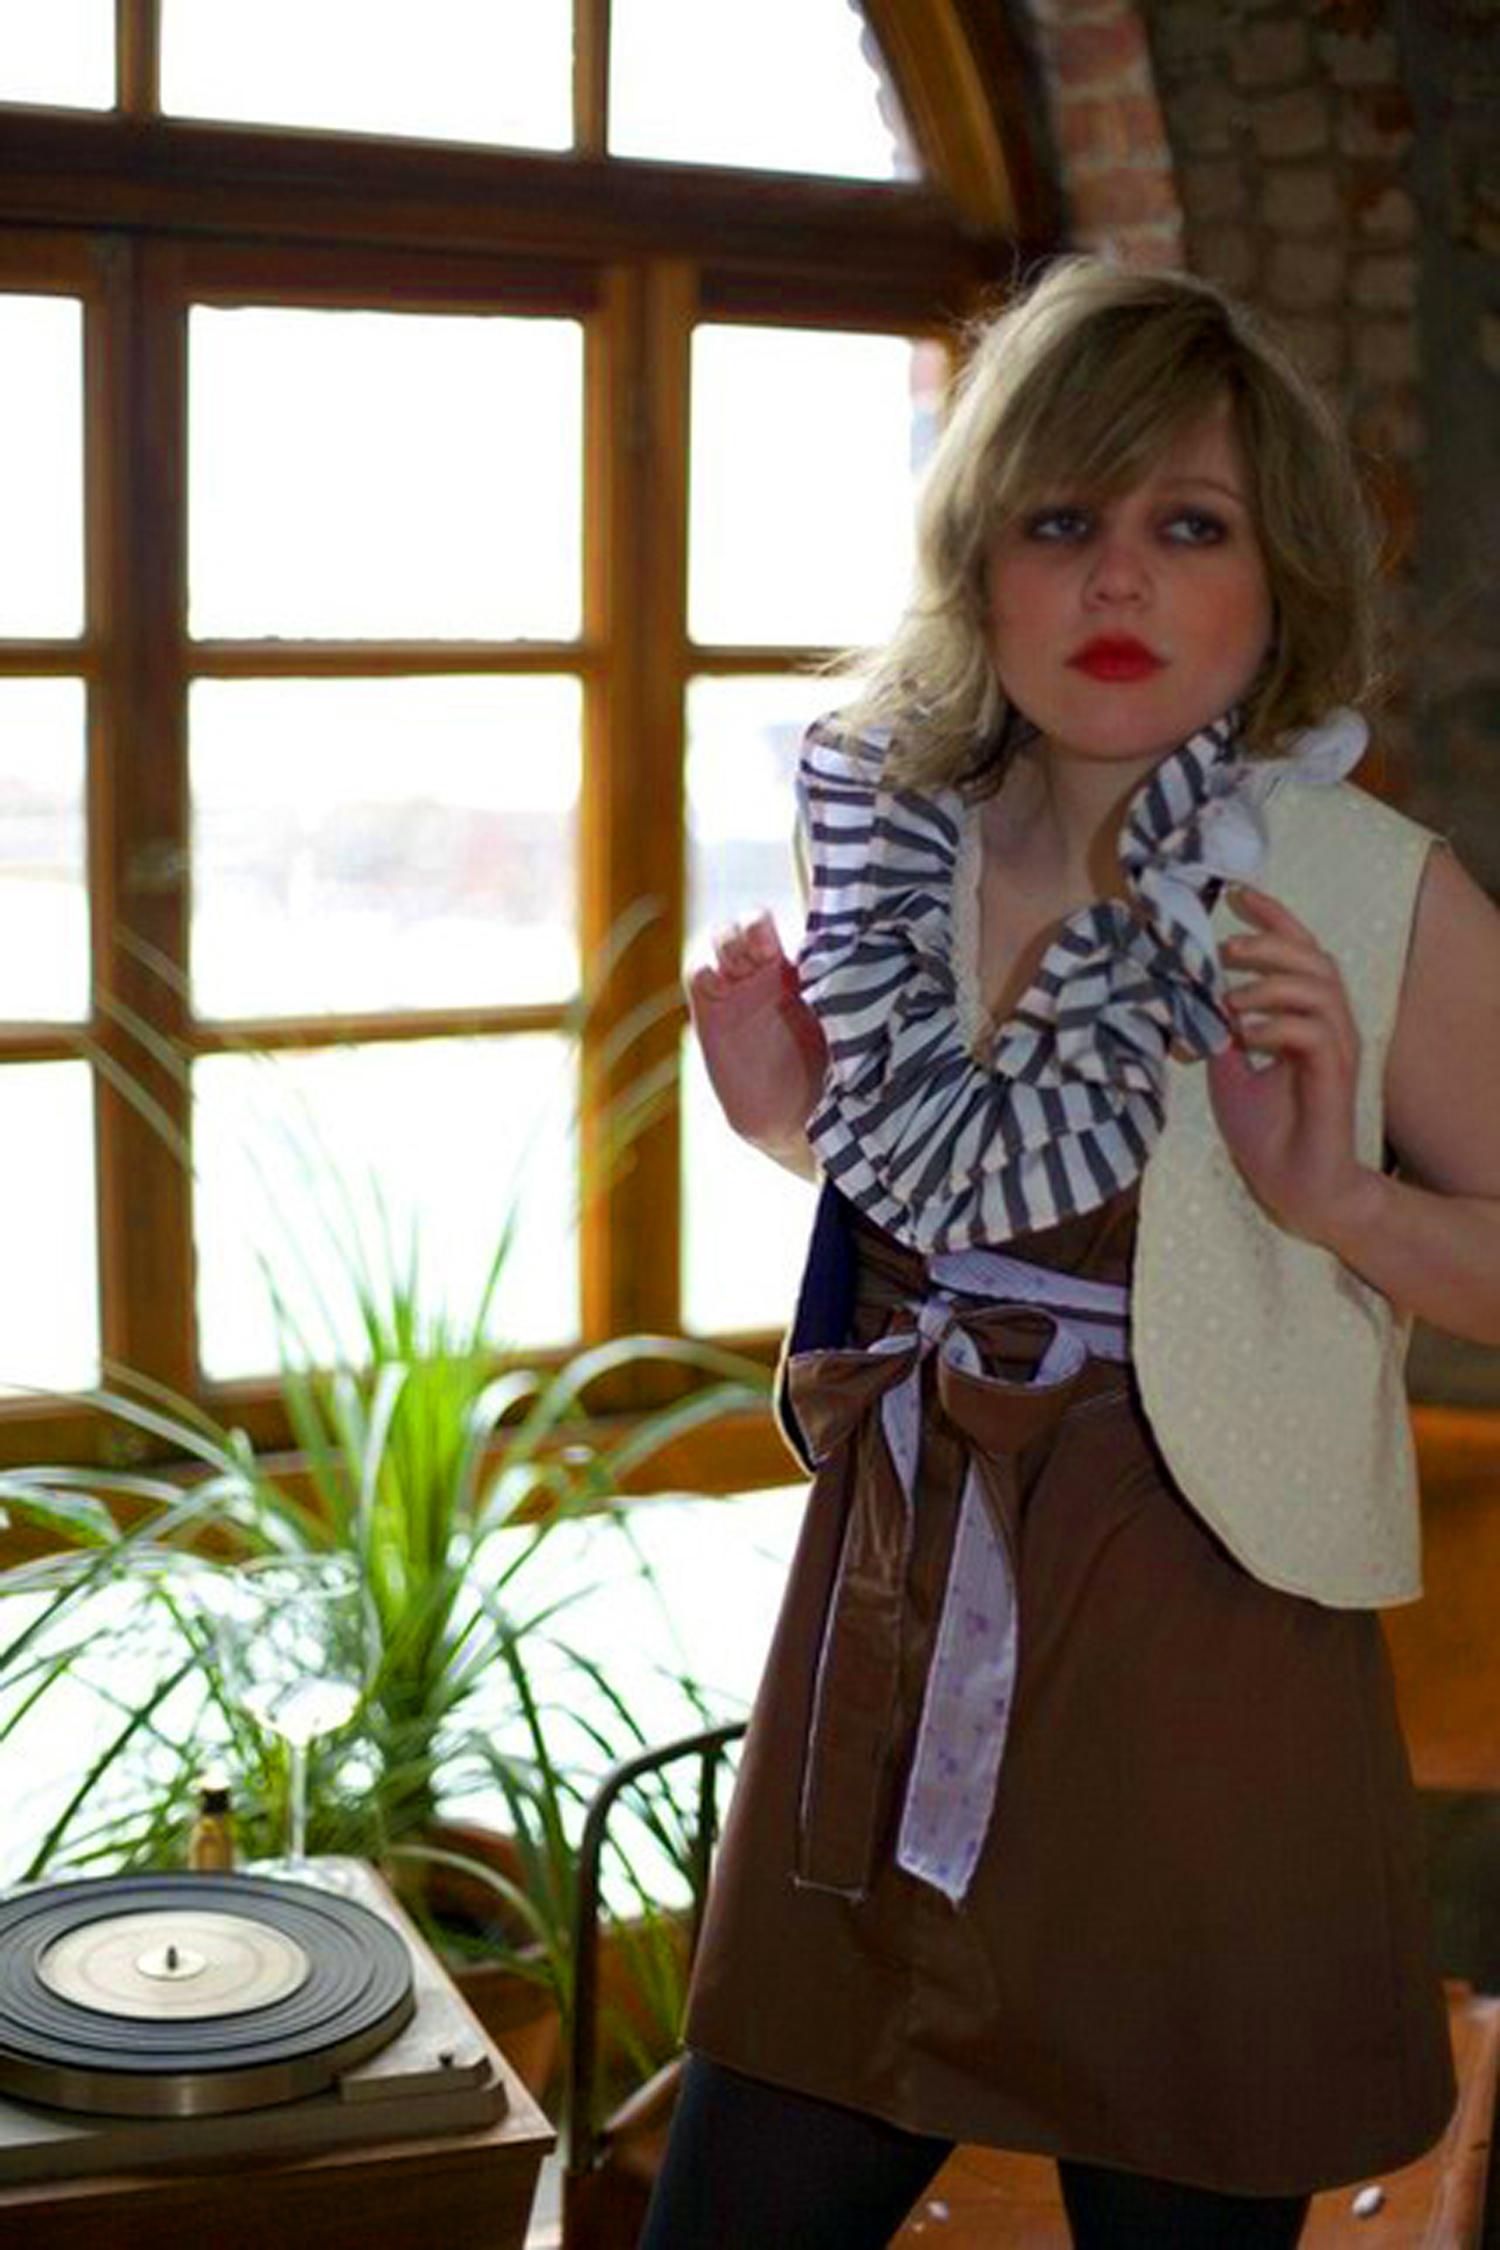 85-dress_3222923795_o.jpg